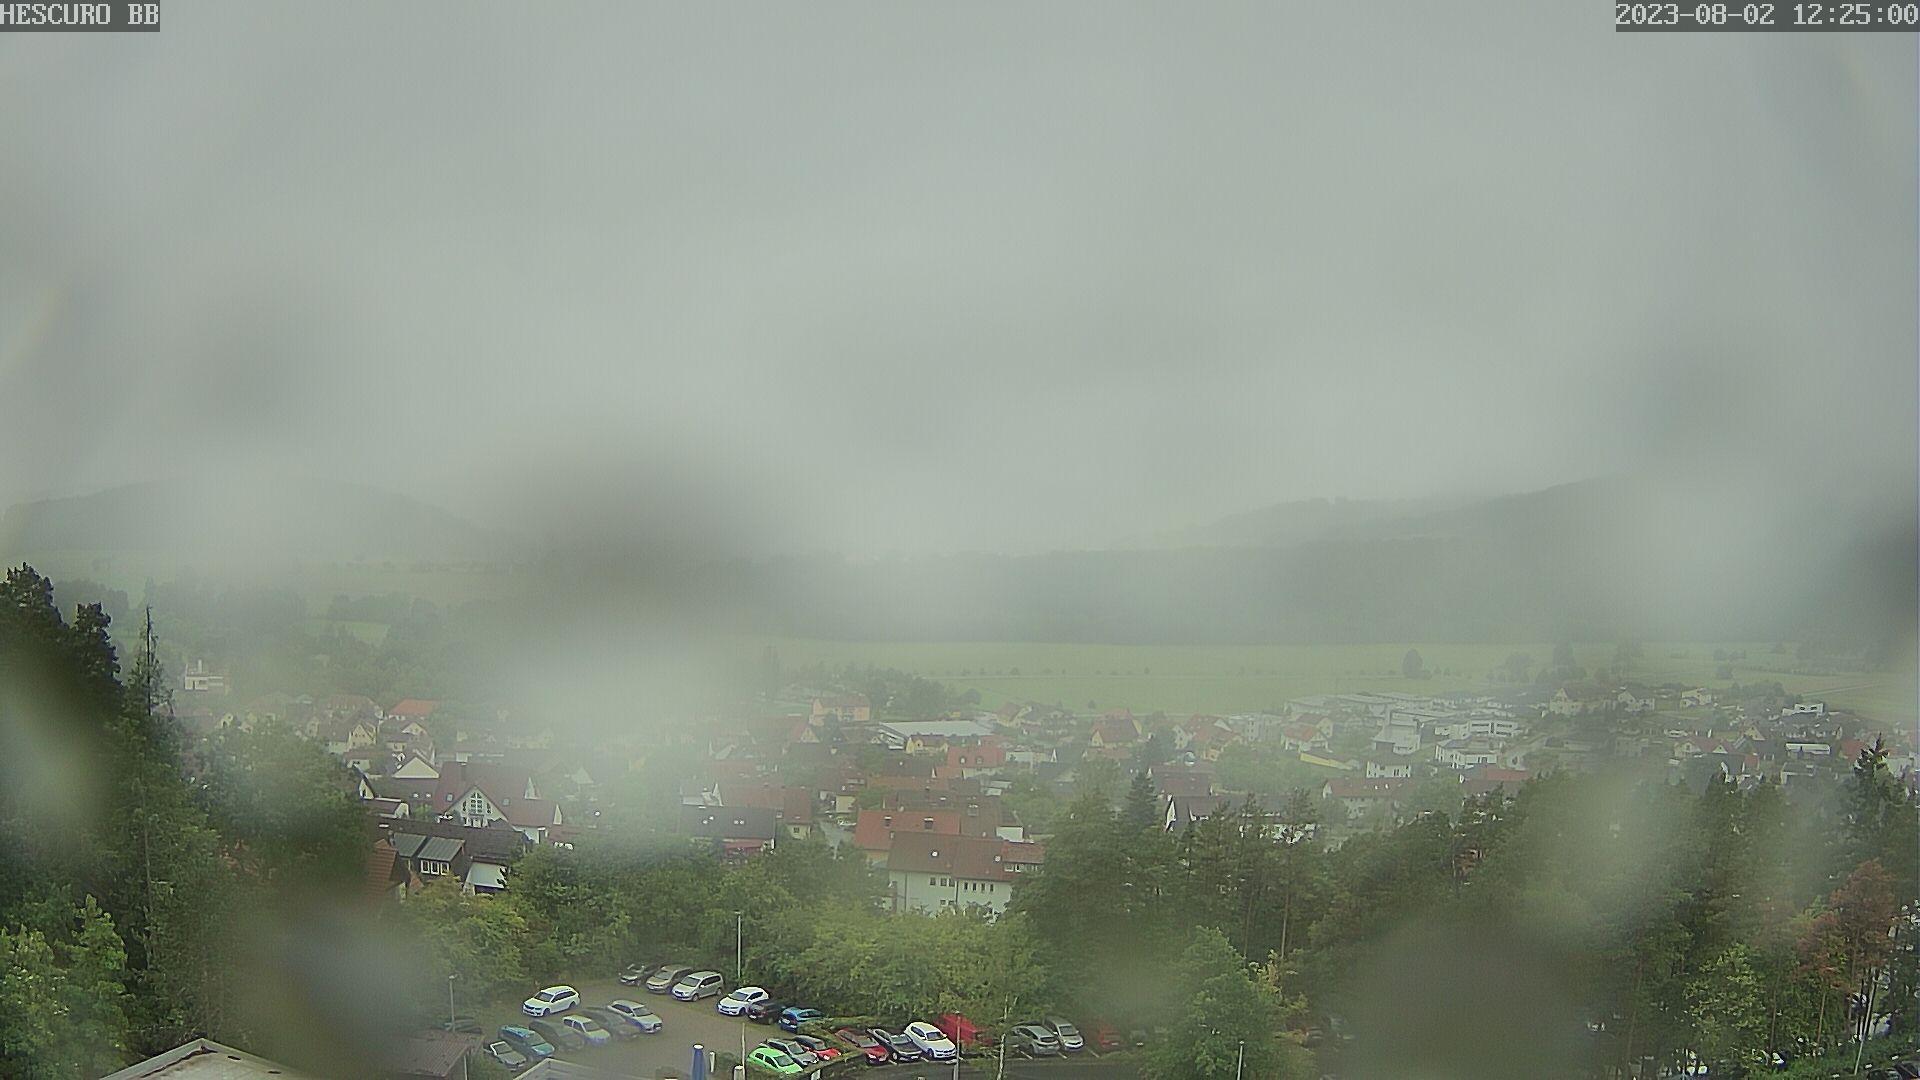 Webcam Bad Kissingen: HESCURO Klinik REGINA − Schönbornst